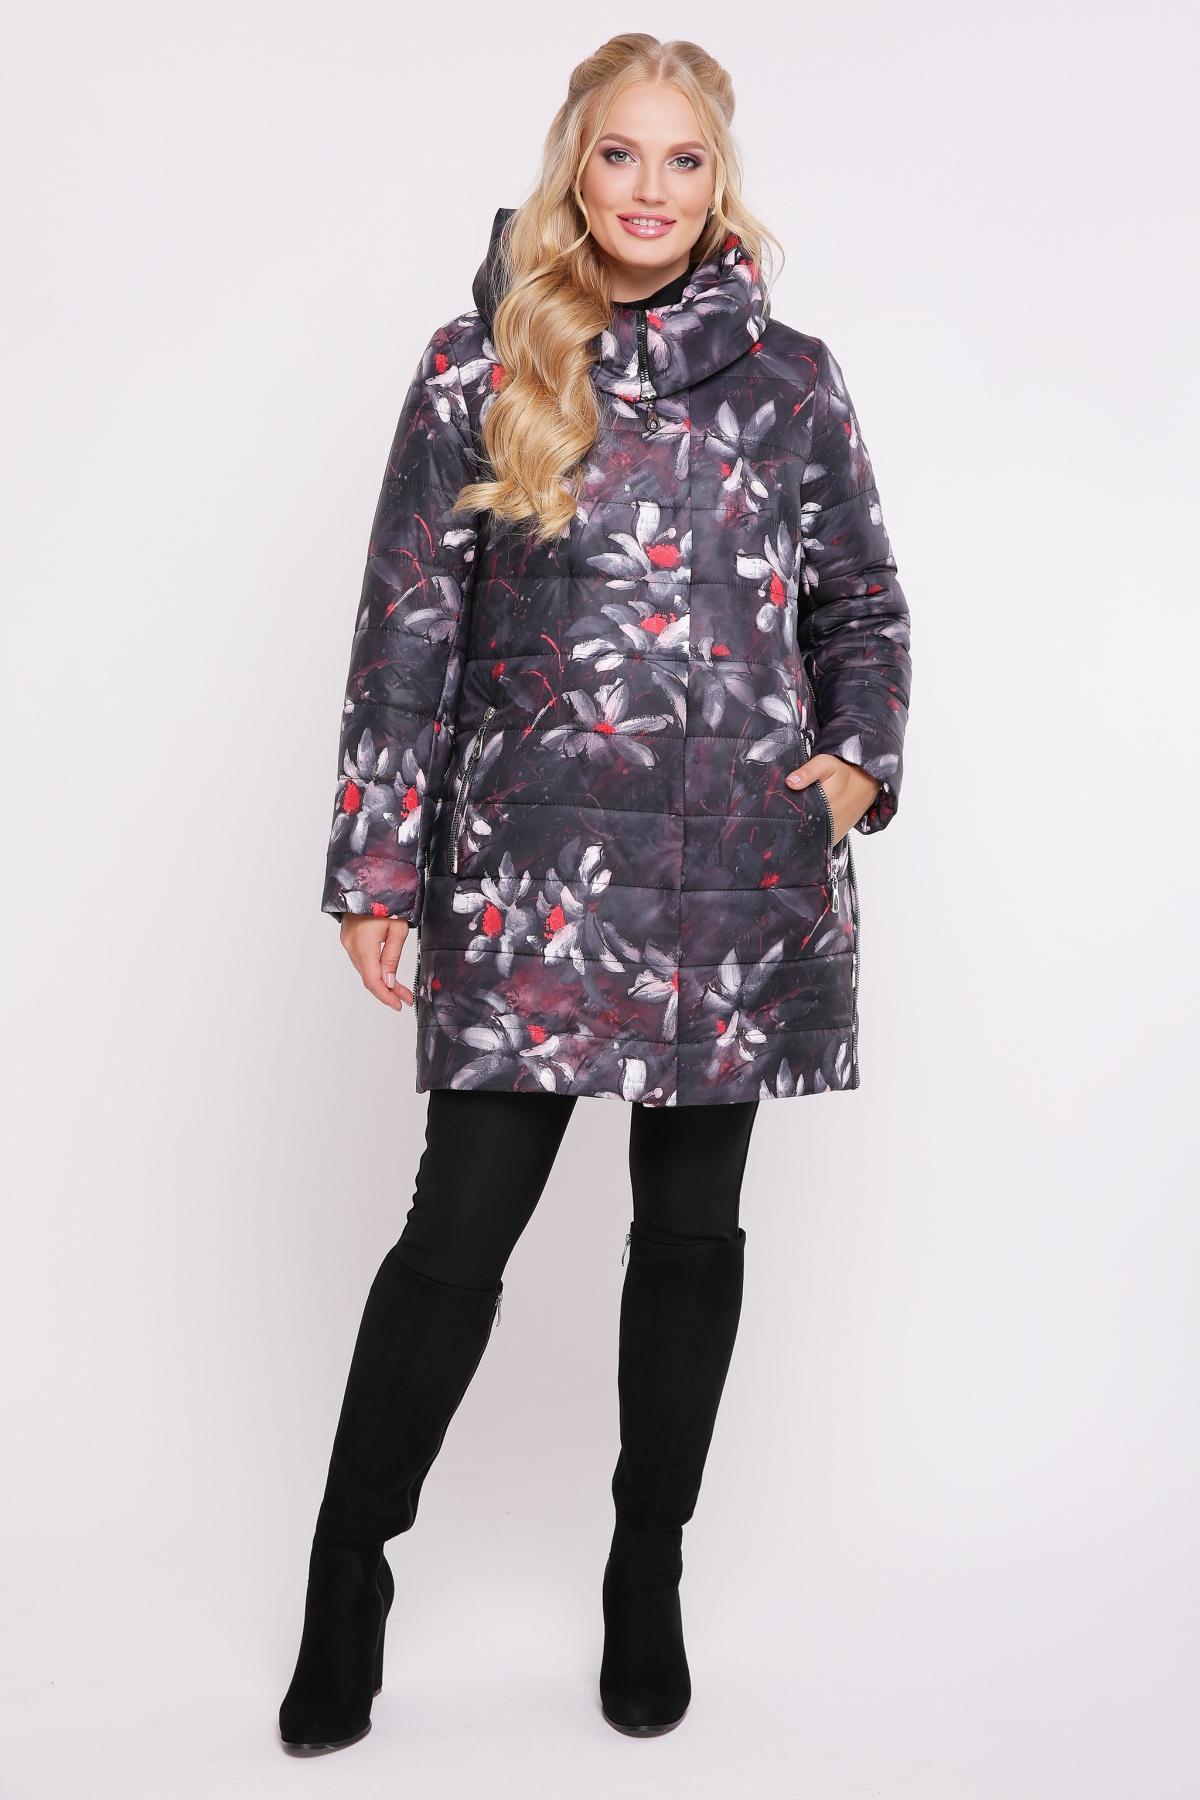 2b5c65e01147 Демисезонная одежда больших размеров  куртки, плащи, пальто